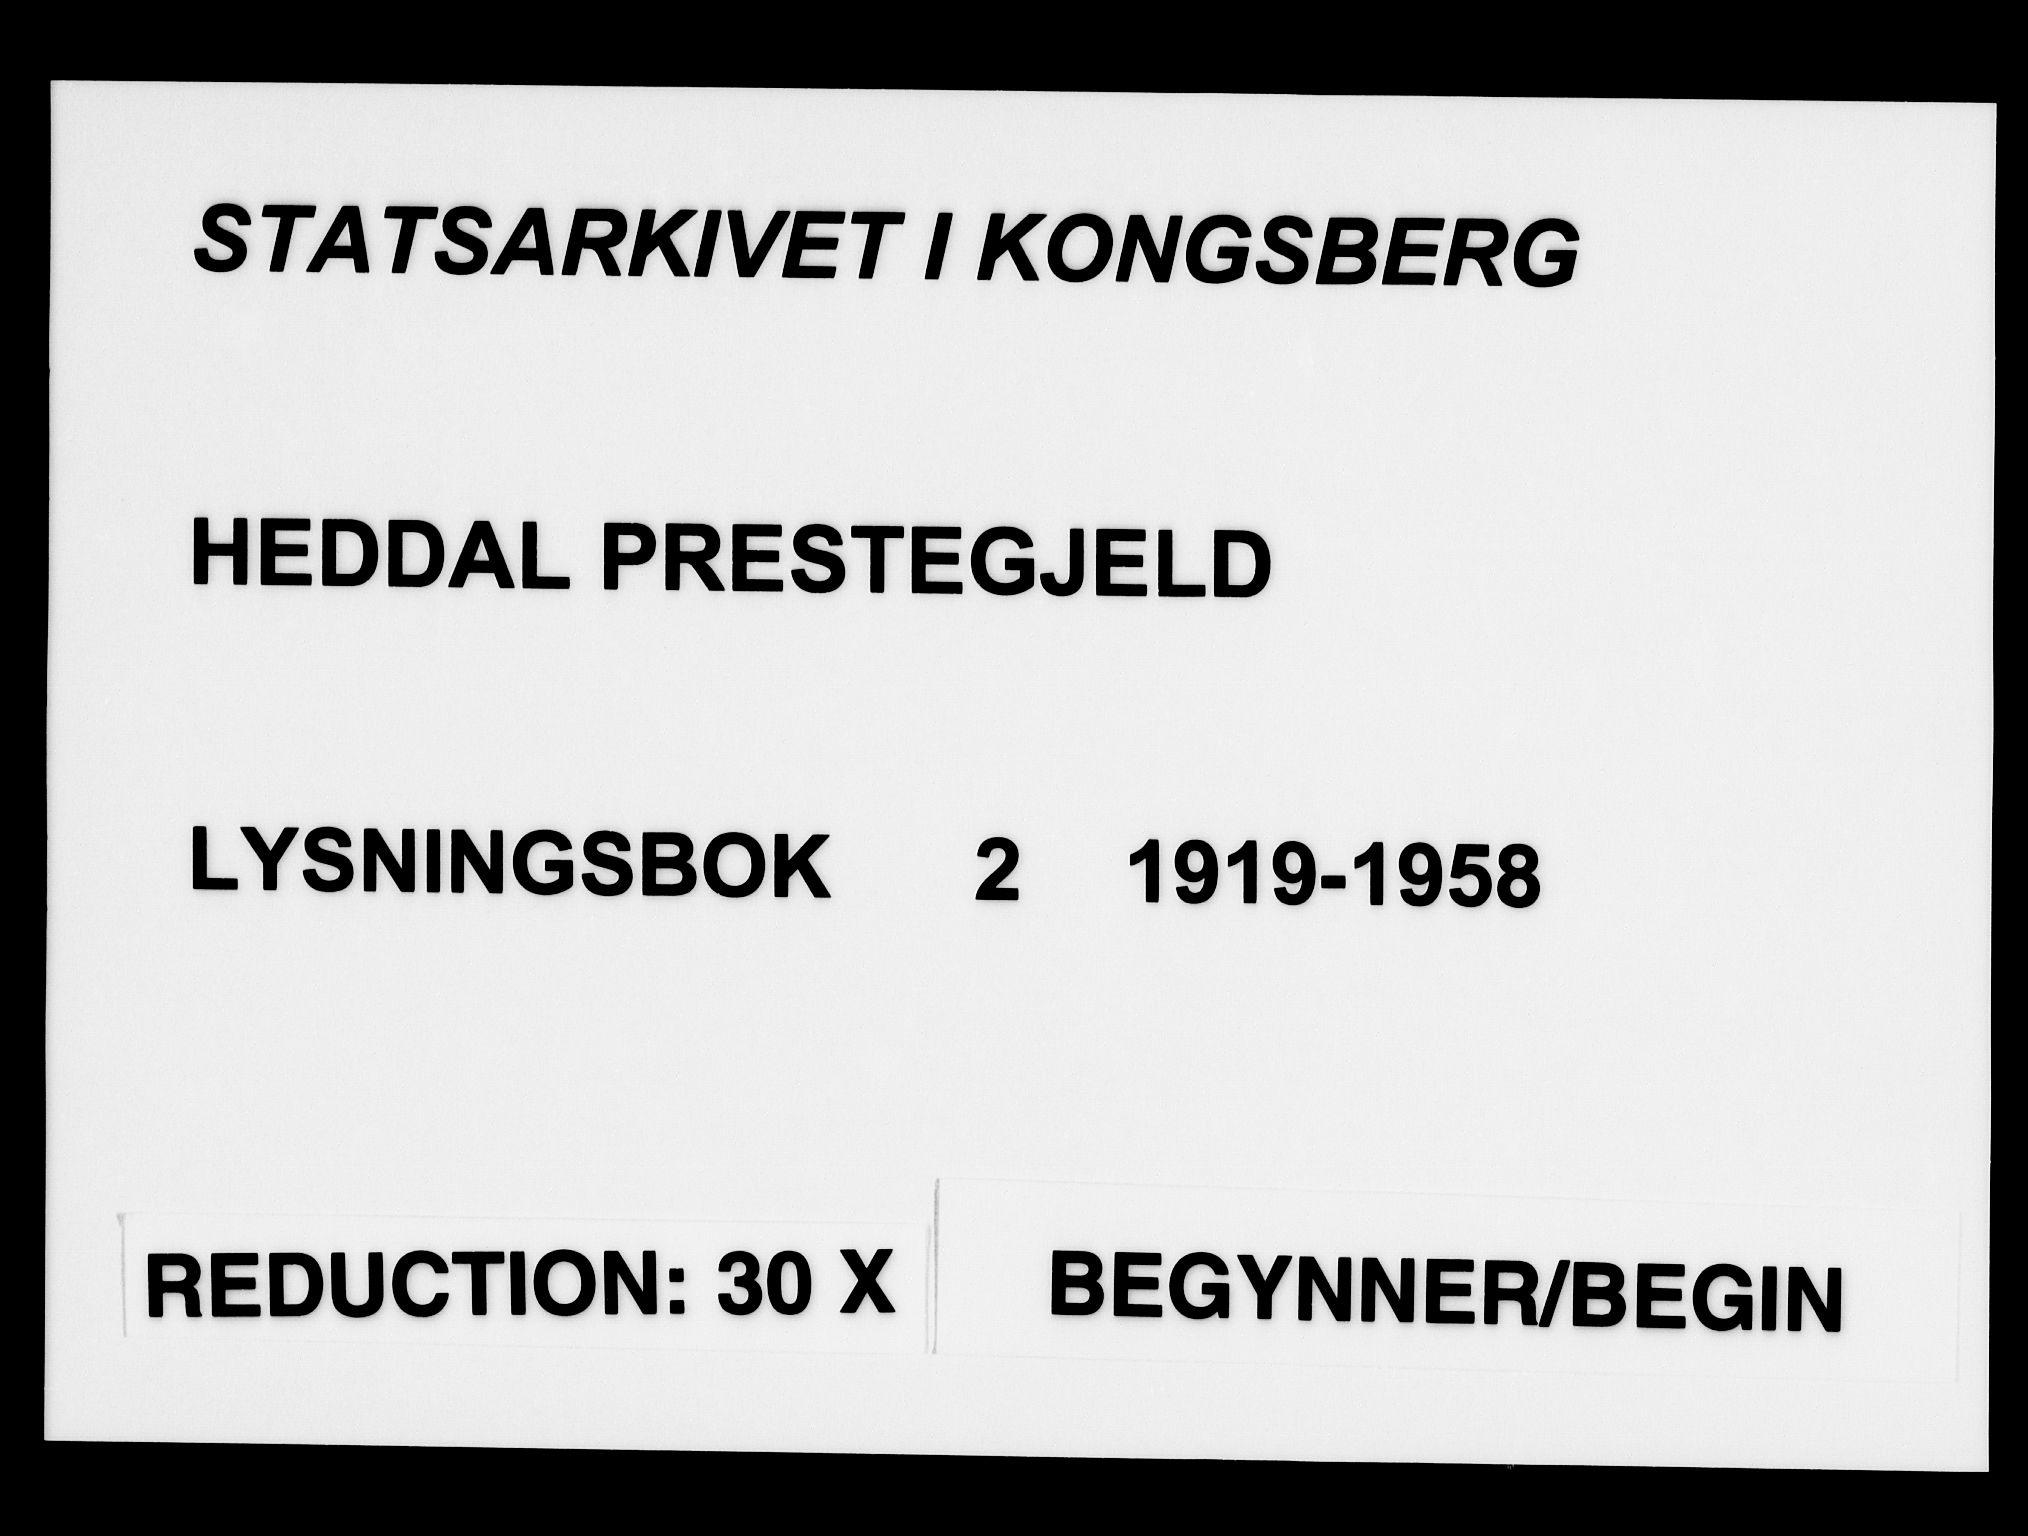 SAKO, Heddal kirkebøker, H/Ha/L0002: Lysningsprotokoll nr. 2, 1919-1958